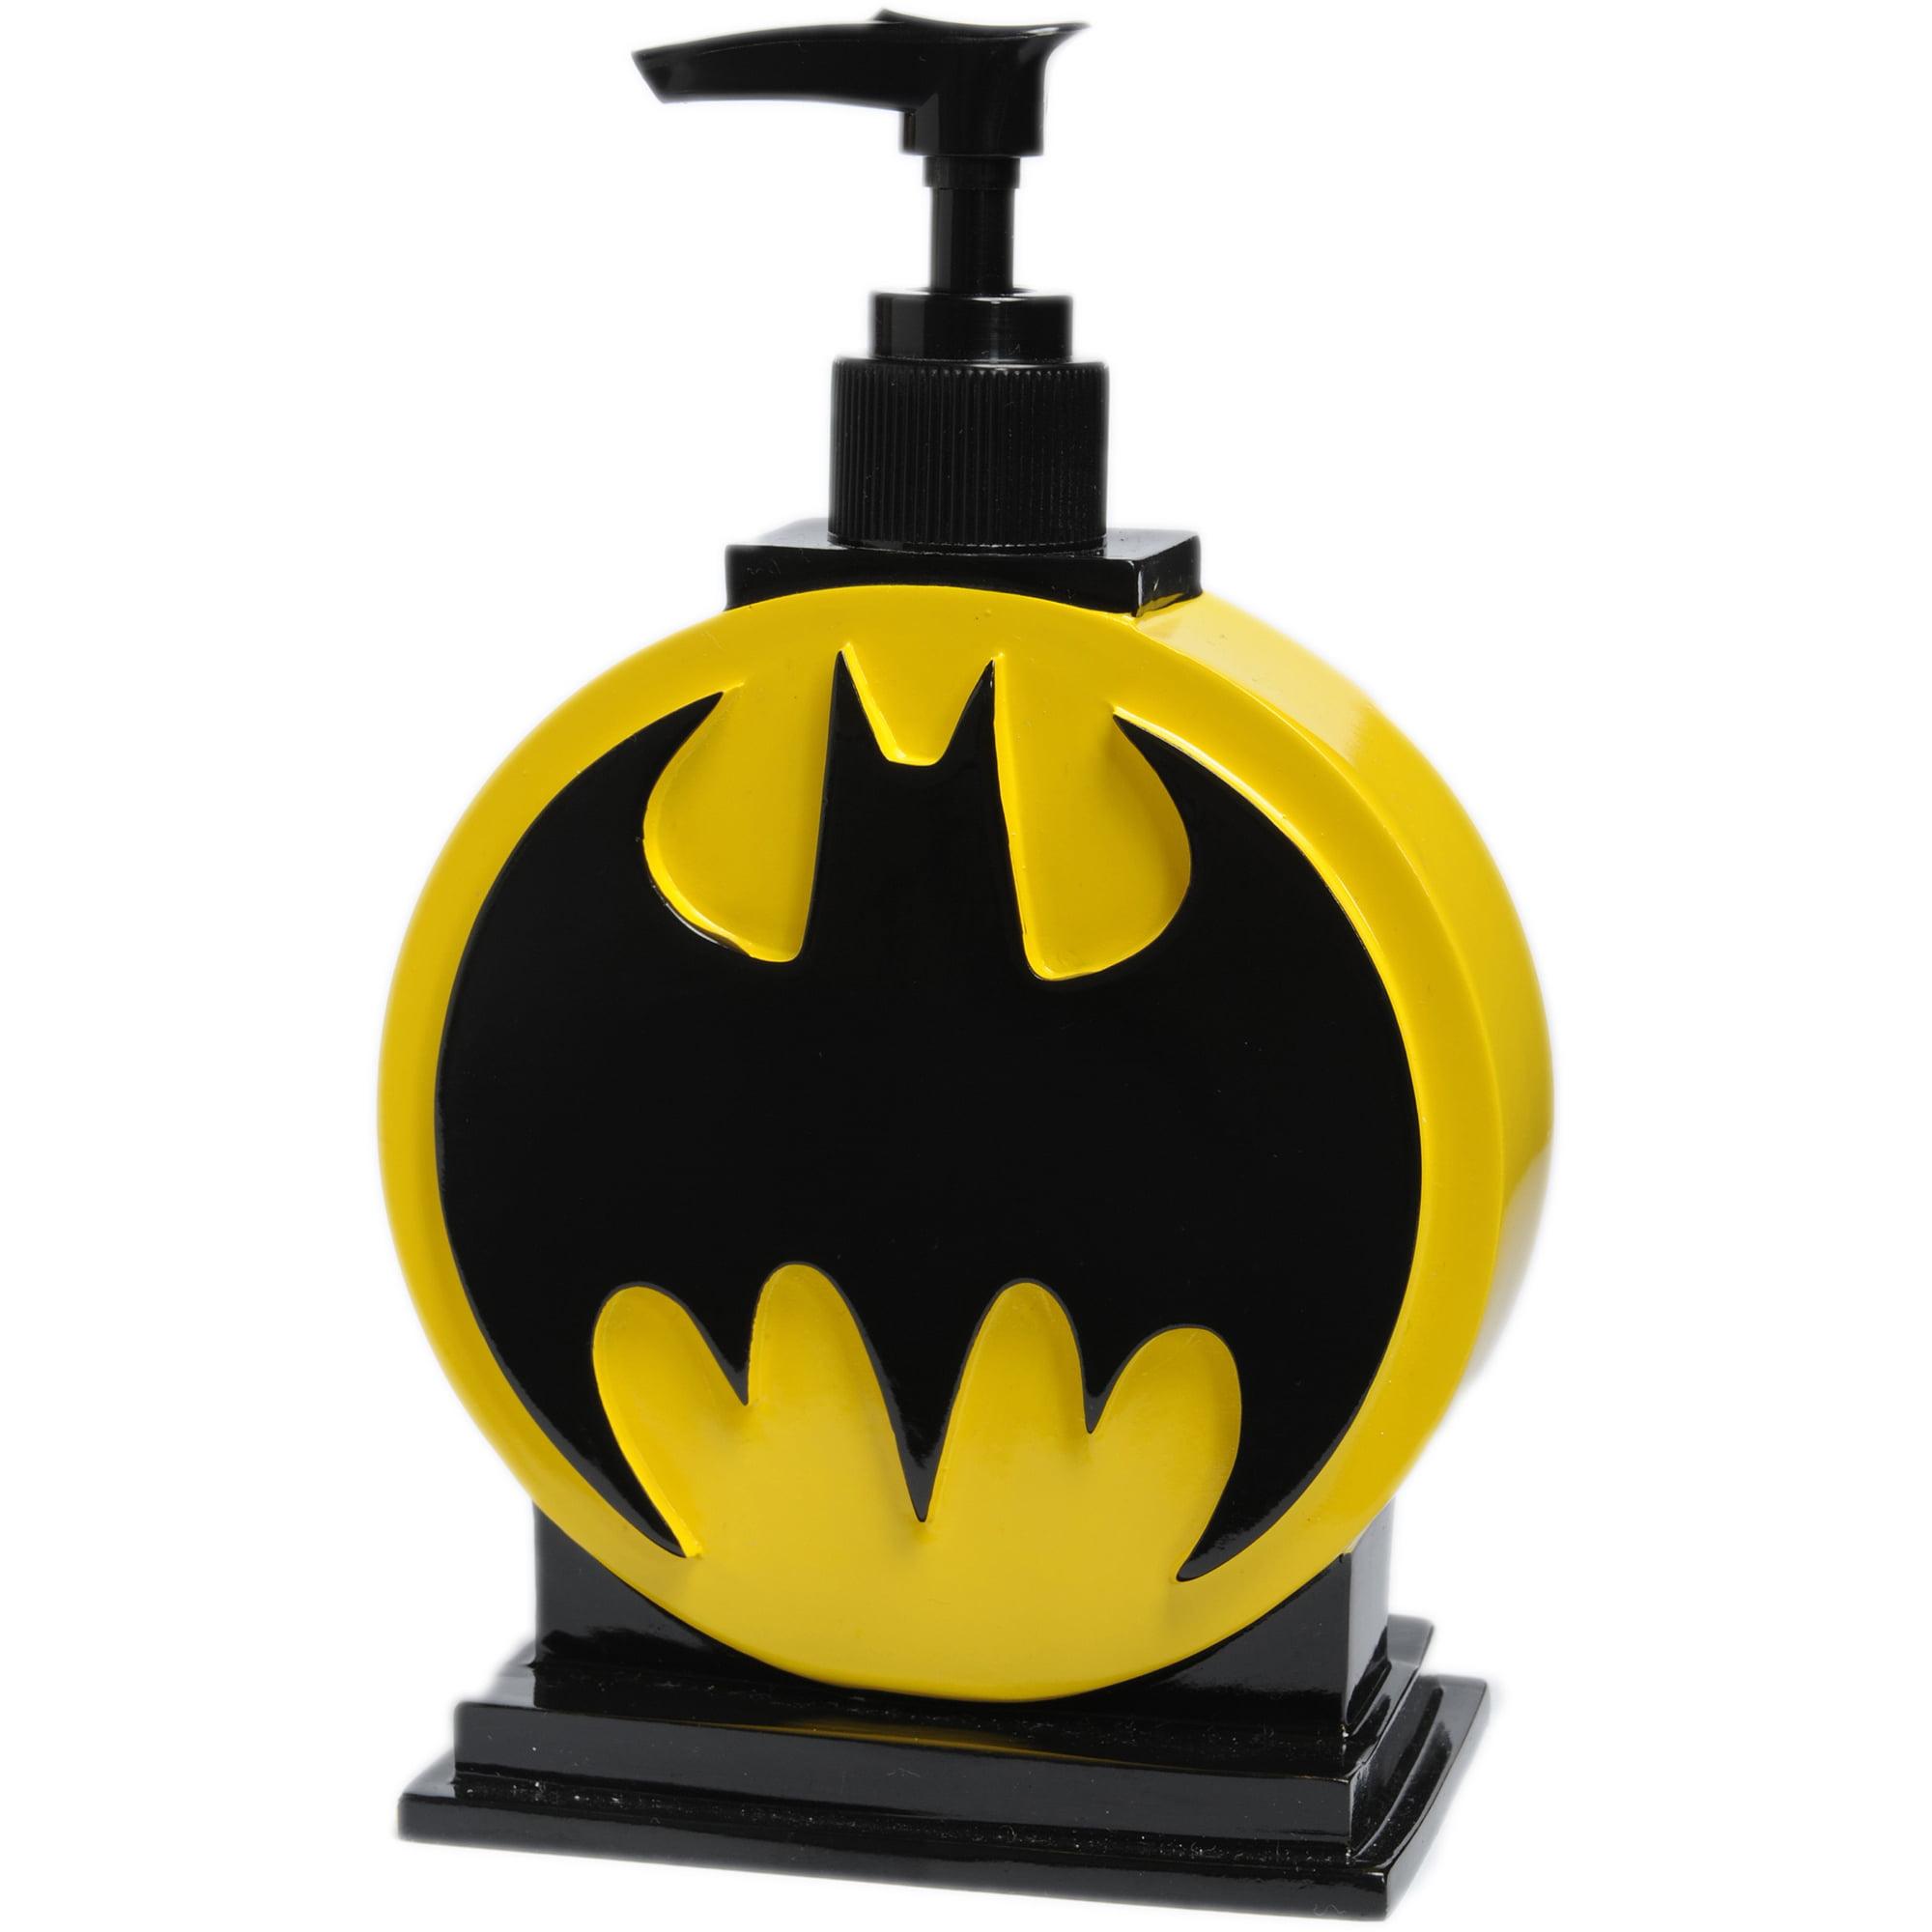 . Batman Lotion Pump  1 0 CT   Walmart com